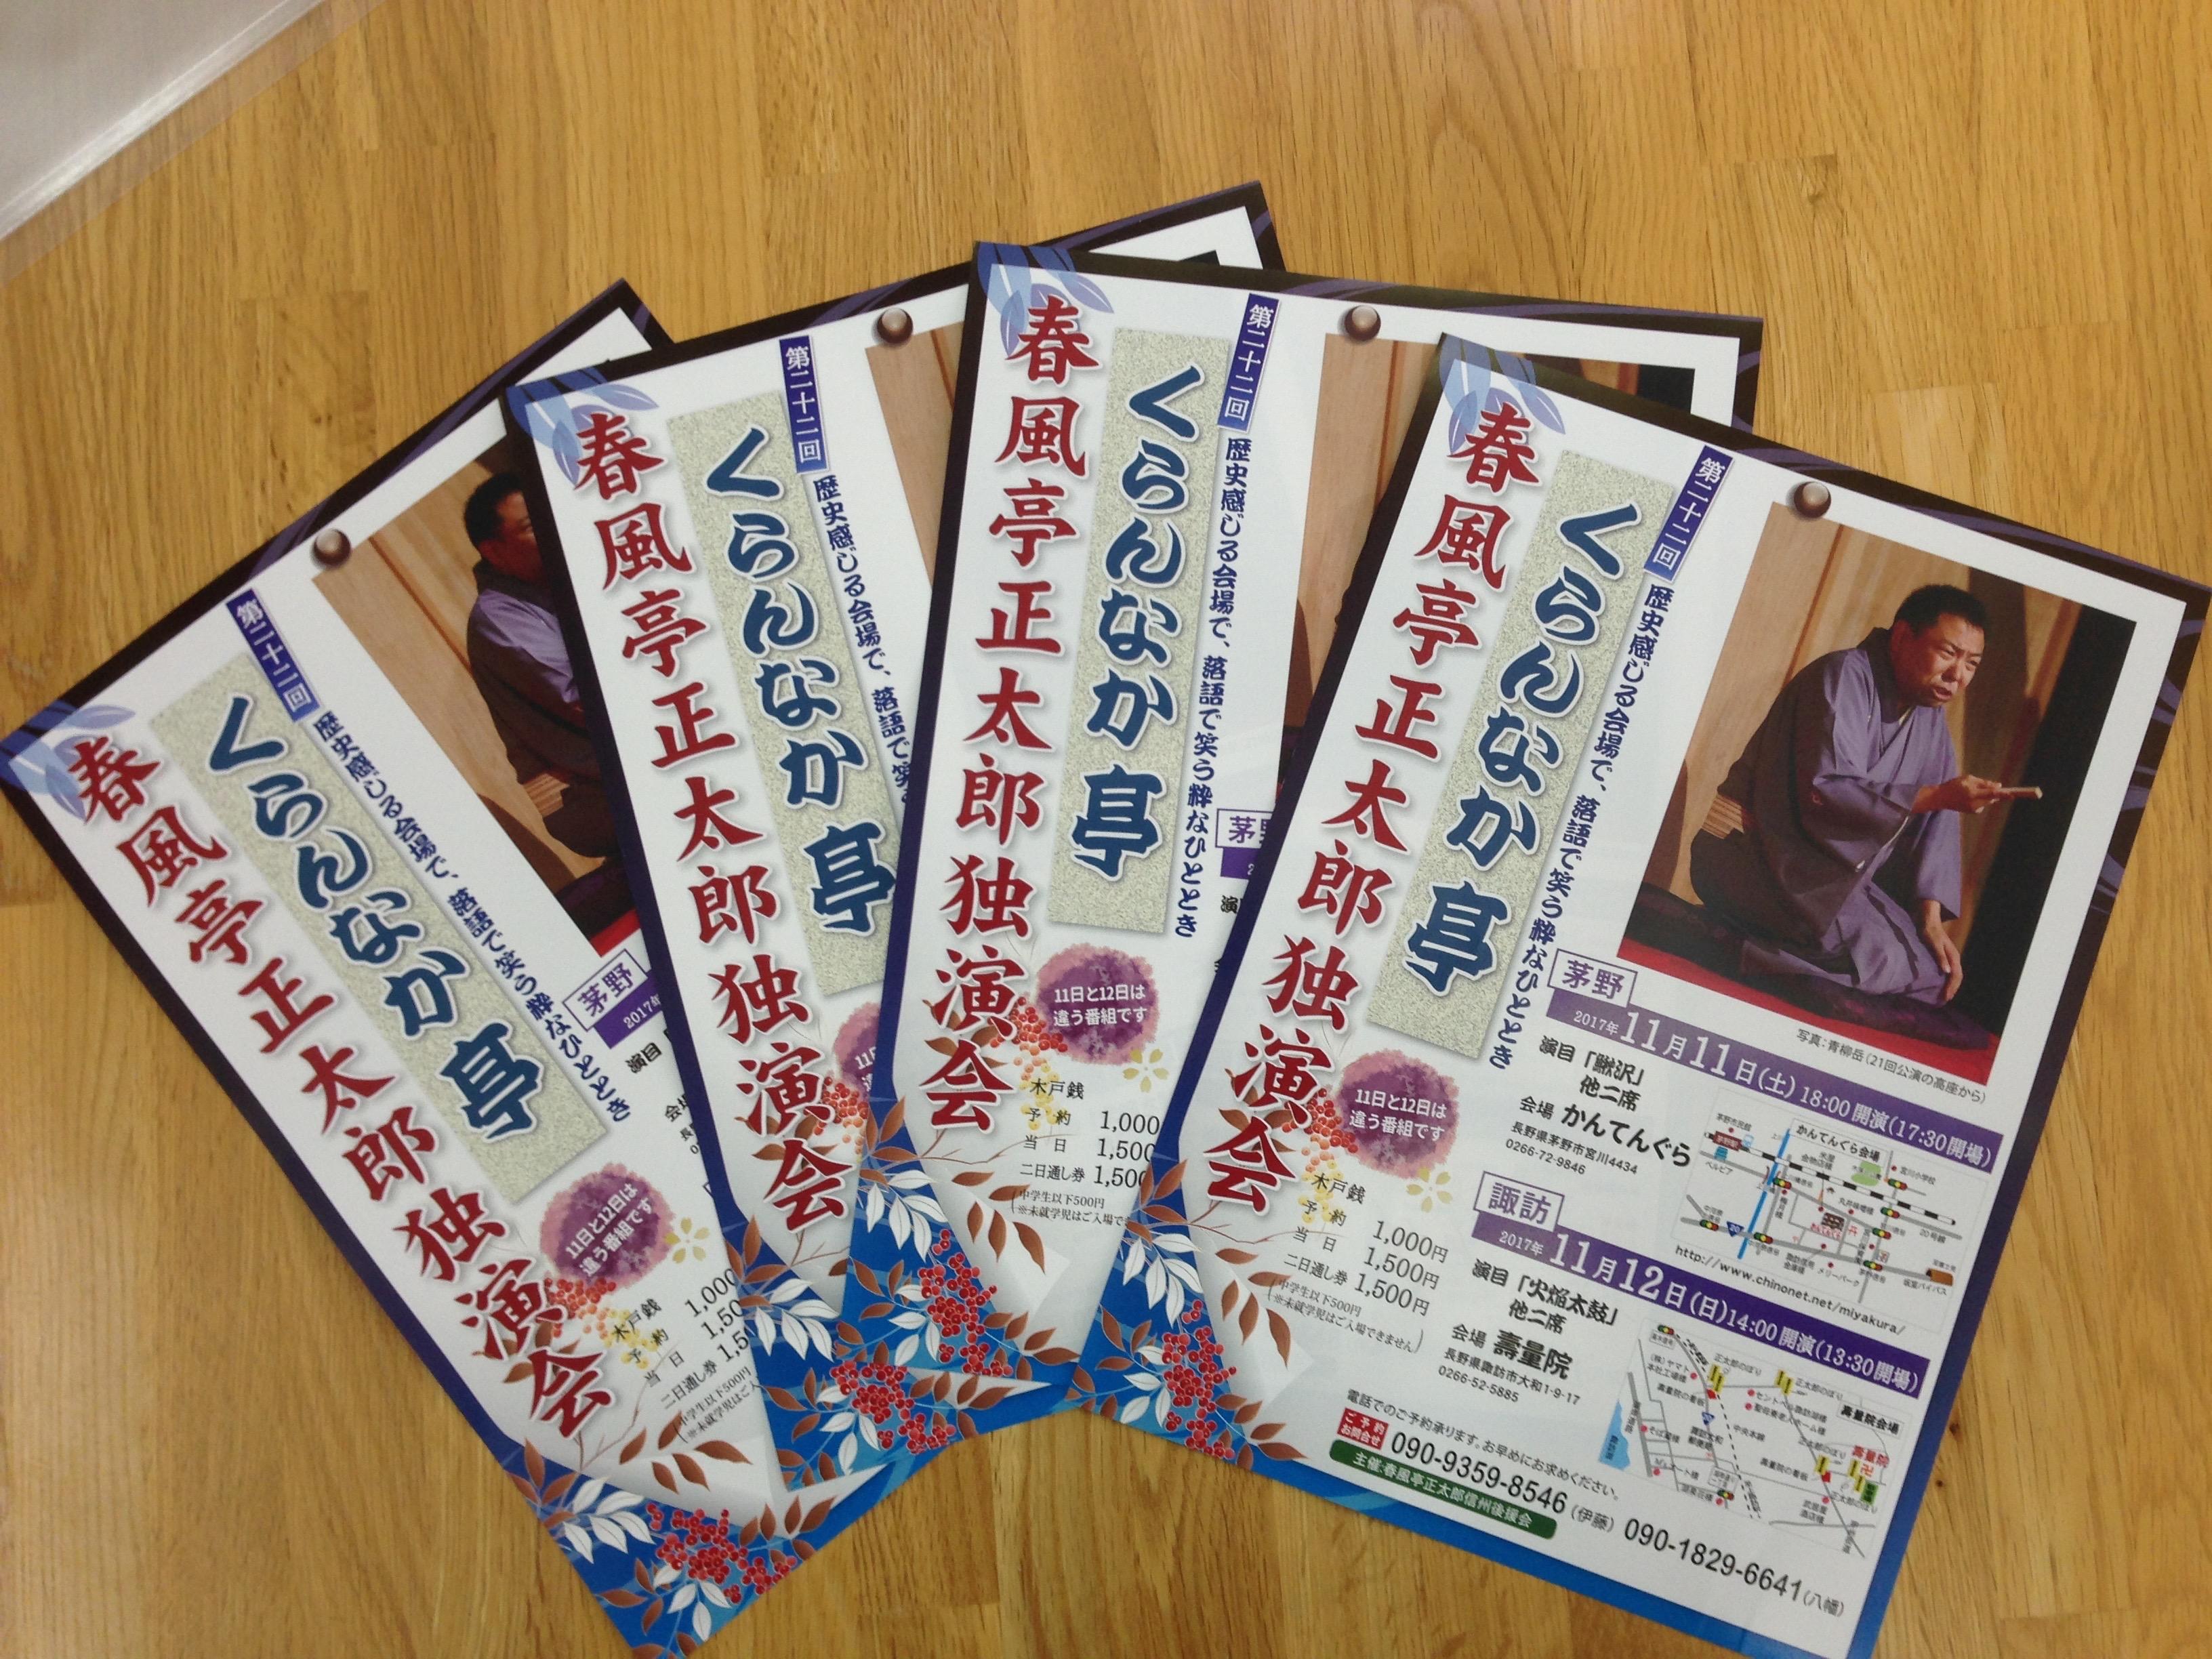 くらんなか亭(春風亭正太郎独演会)ちらし、ポスターできました。